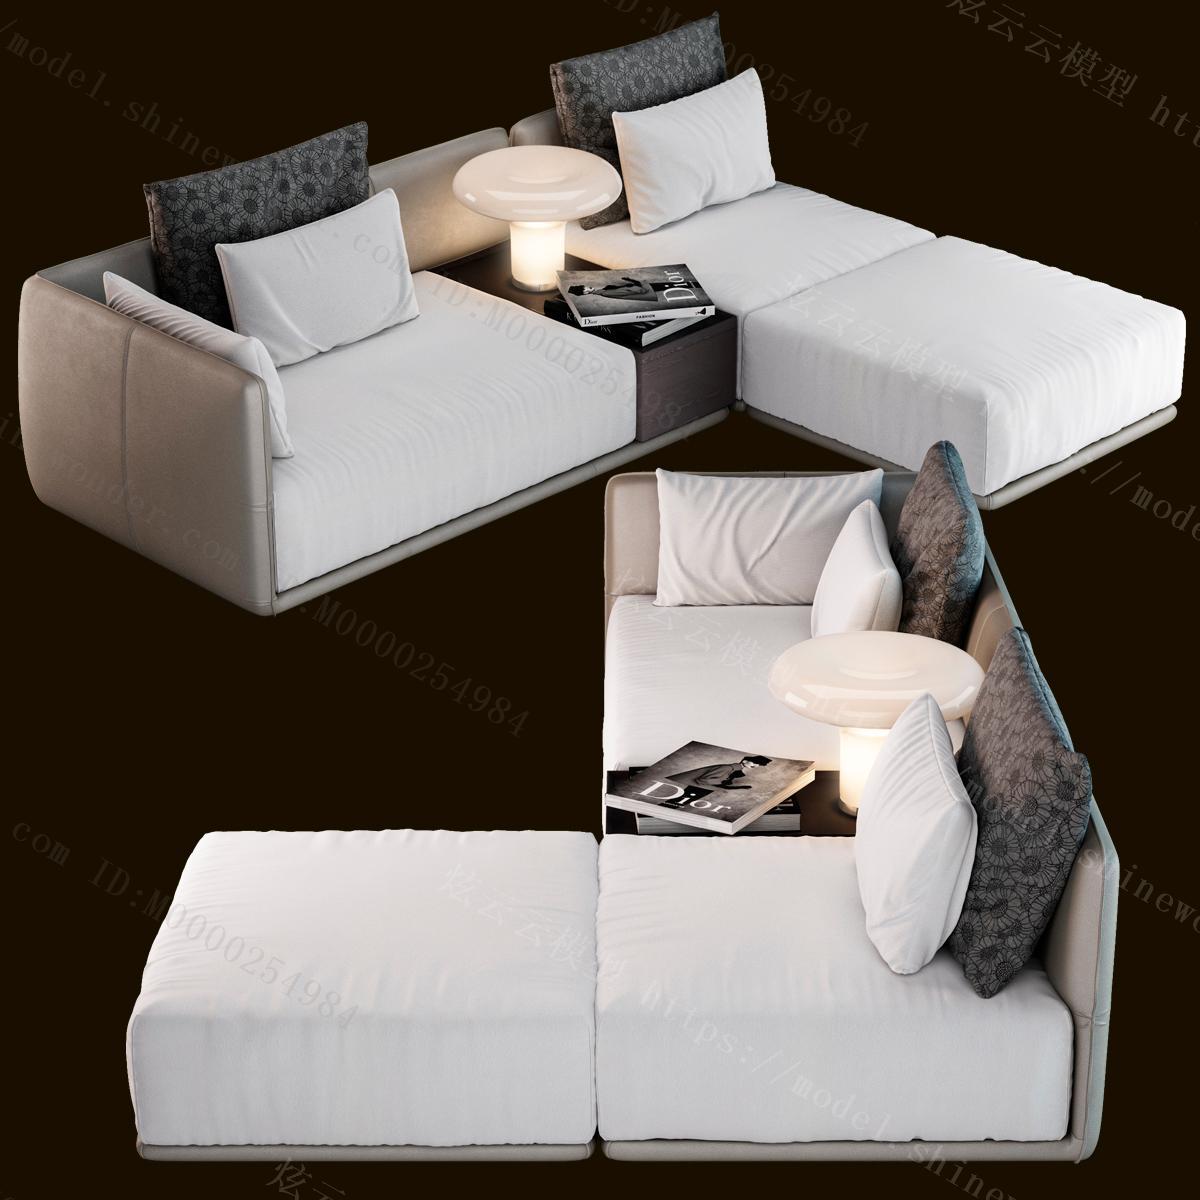 现代多人转角沙发模型